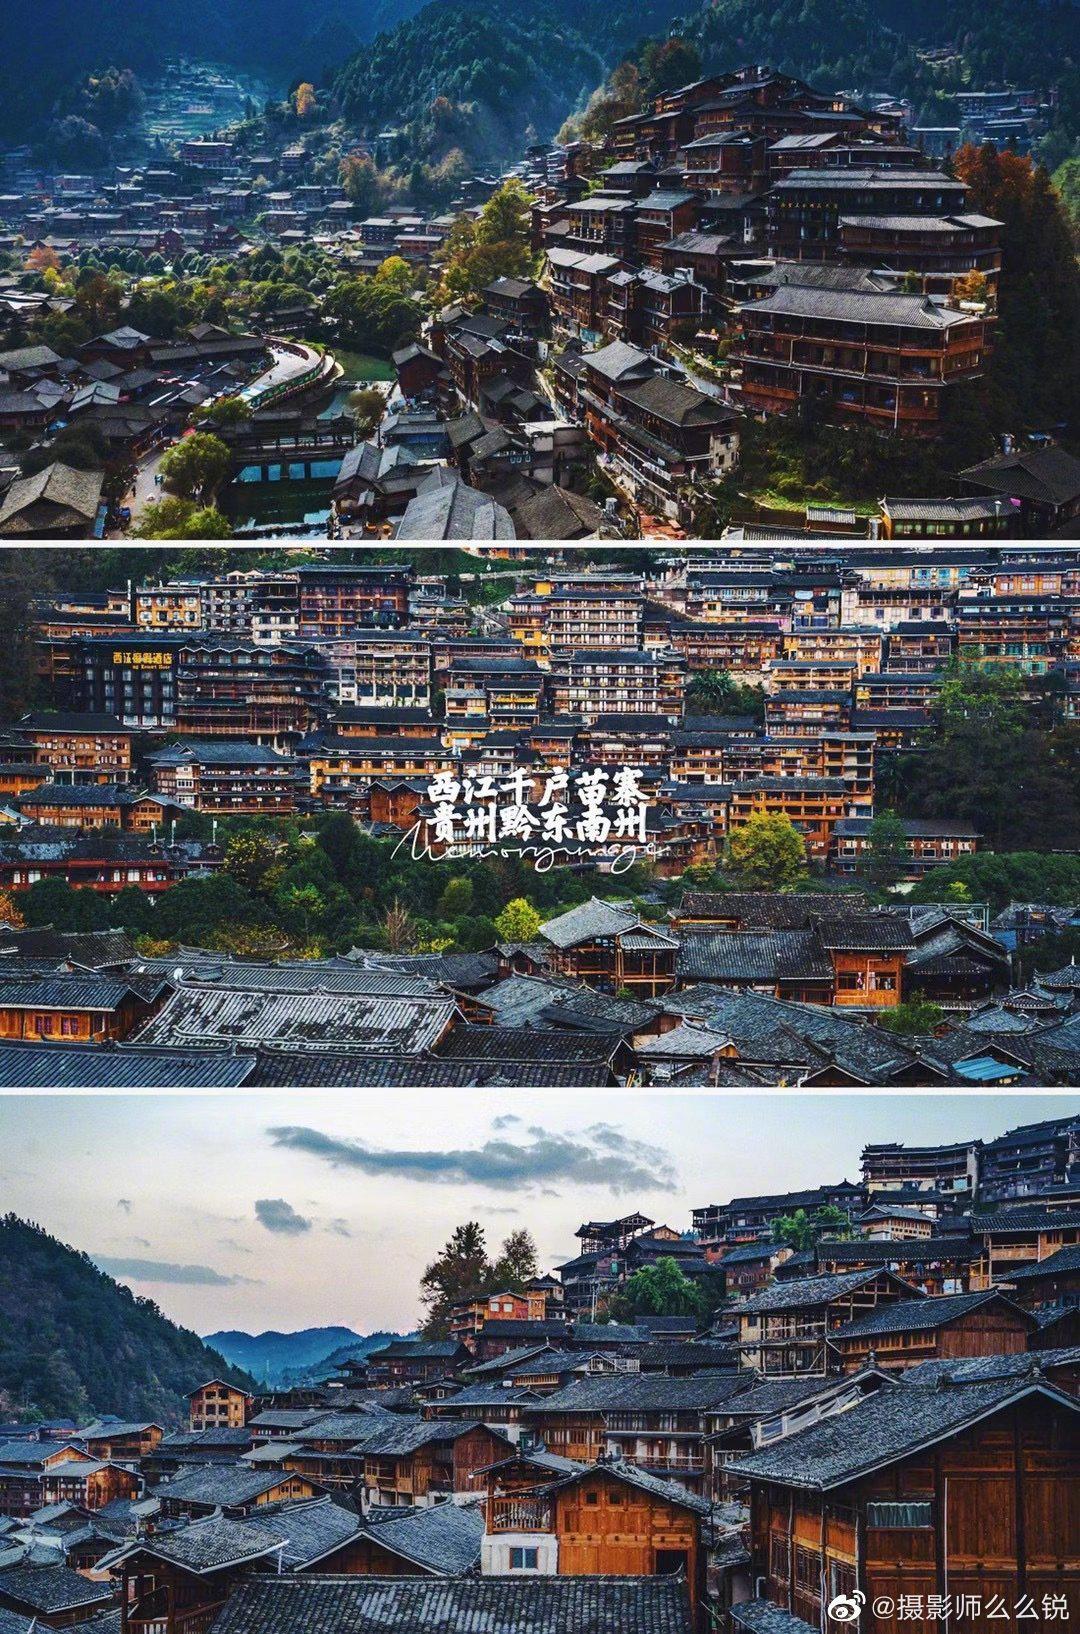 📍贵州·西江千户苗寨 看了@摄影师么么锐 的航拍照片…………